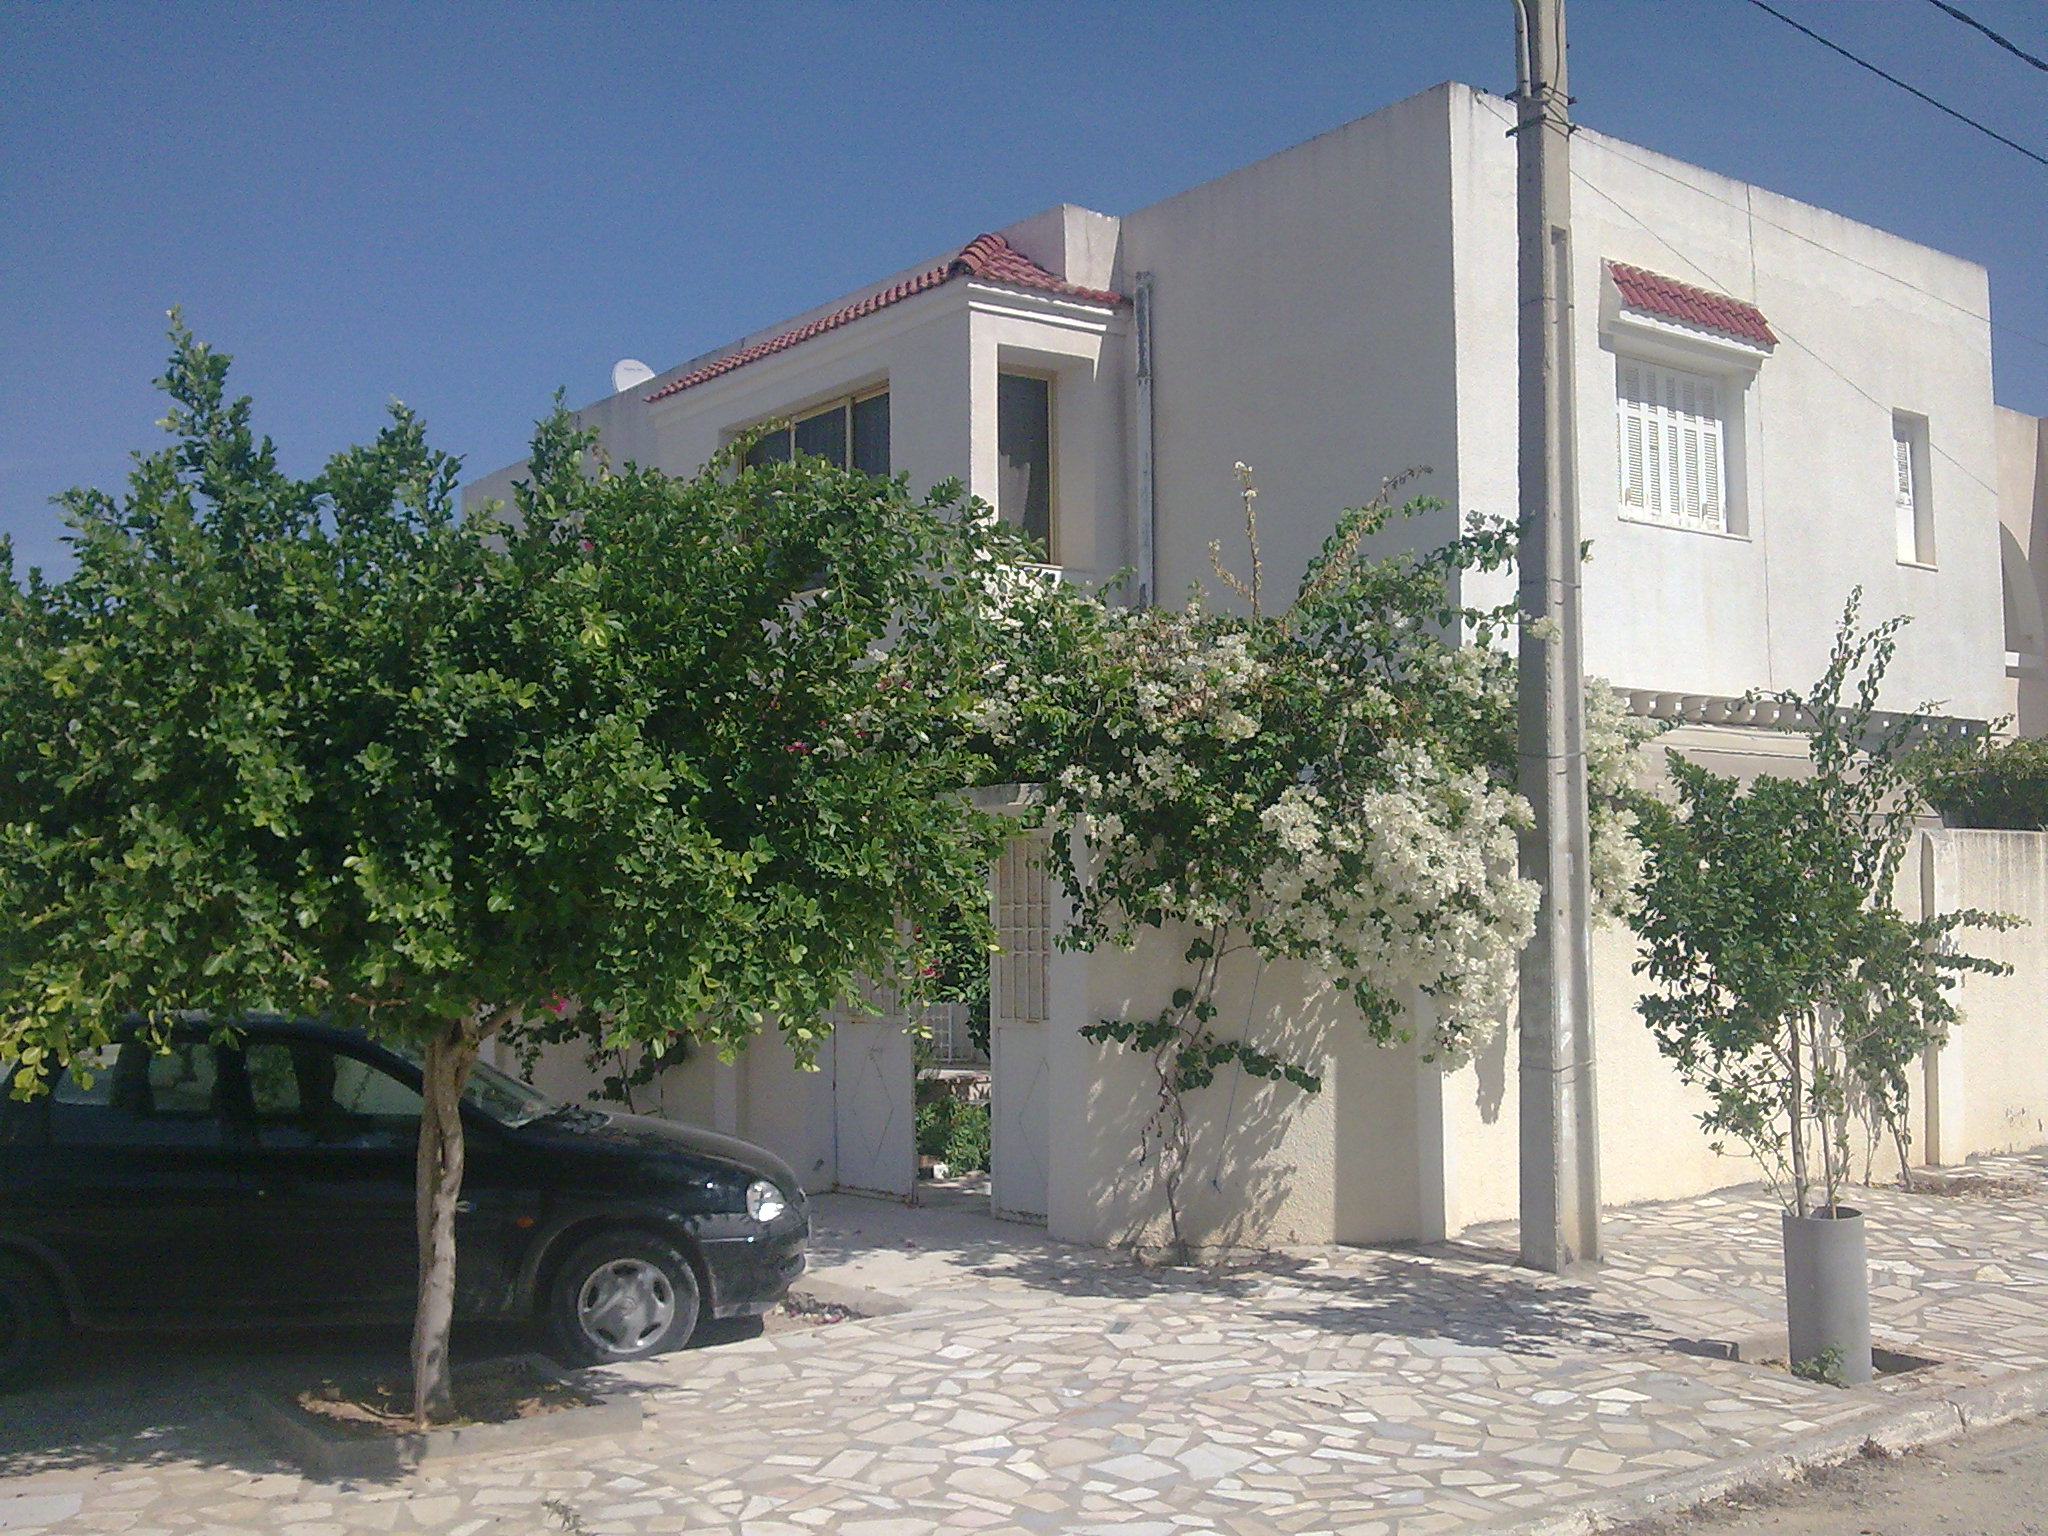 Vente villa tunisie des villas a vendre achat ventes for Achat maison en tunisie